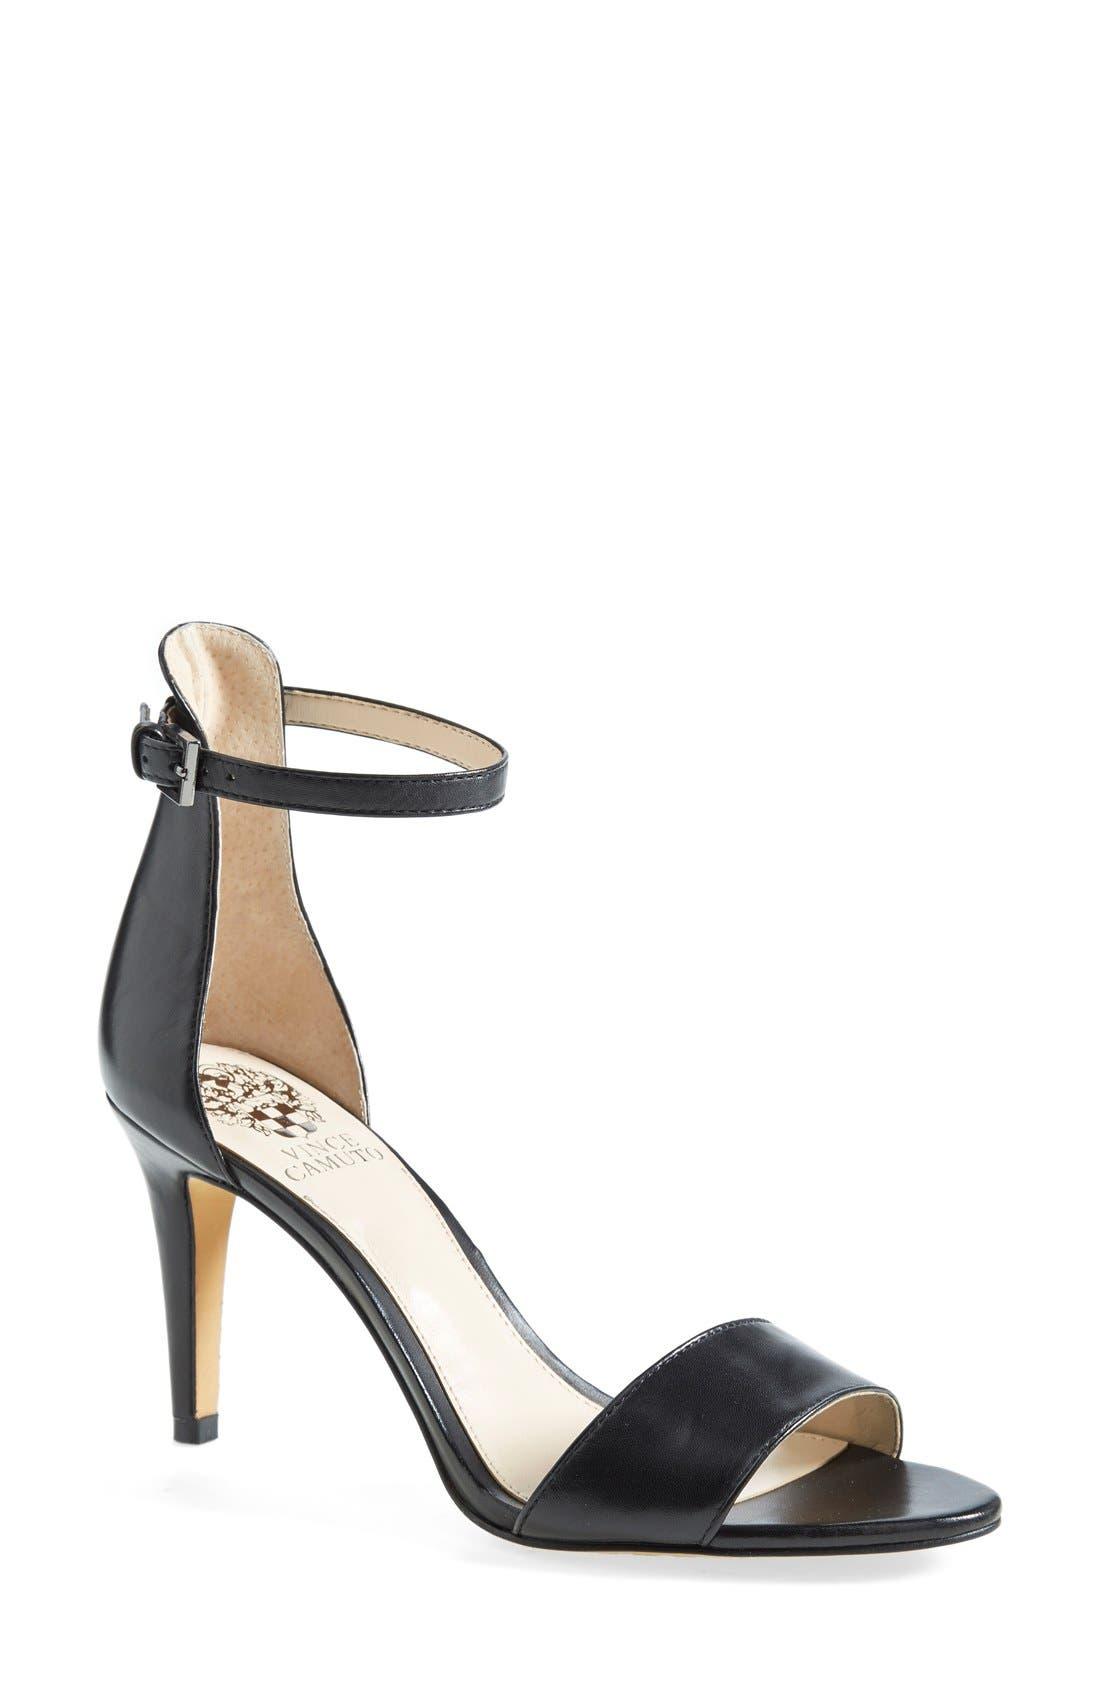 'Court' Ankle Strap Sandal,                             Main thumbnail 1, color,                             001